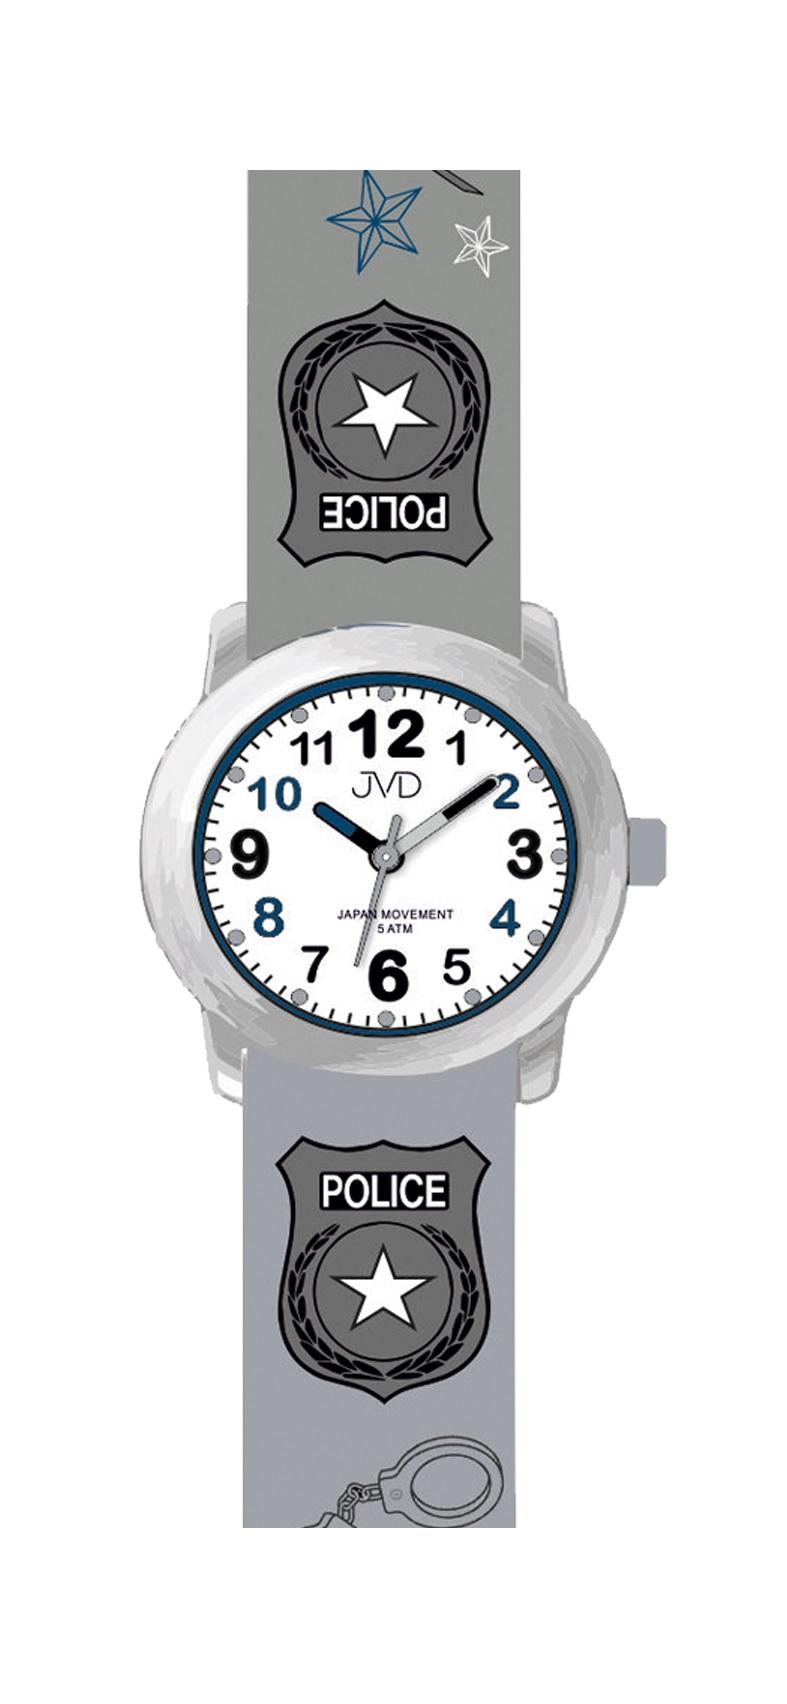 Dětské náramkové chlapecké hodinky JVD J7173.2 pro malého policistu